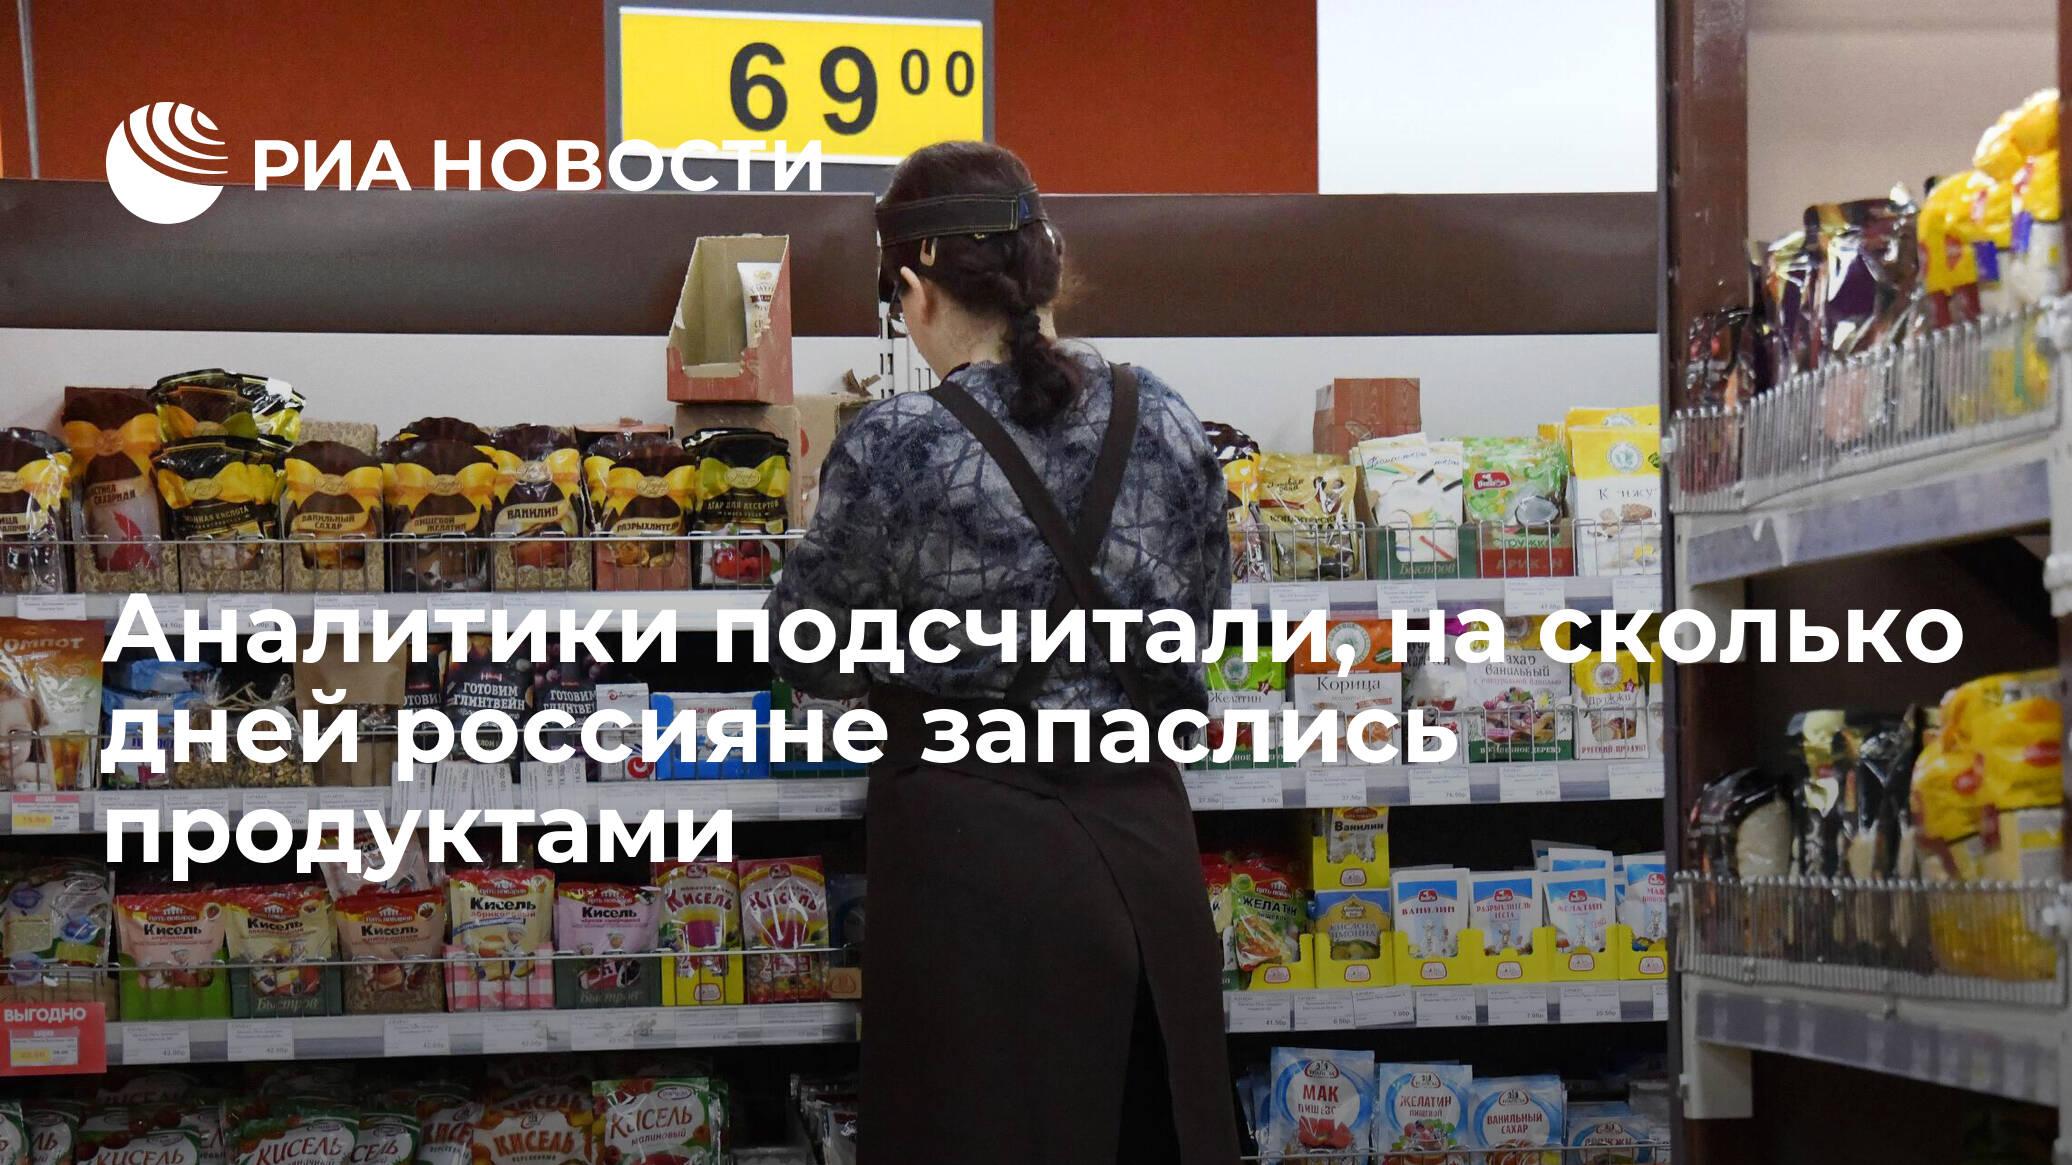 Аналитики подсчитали, на сколько дней россияне запаслись продуктами